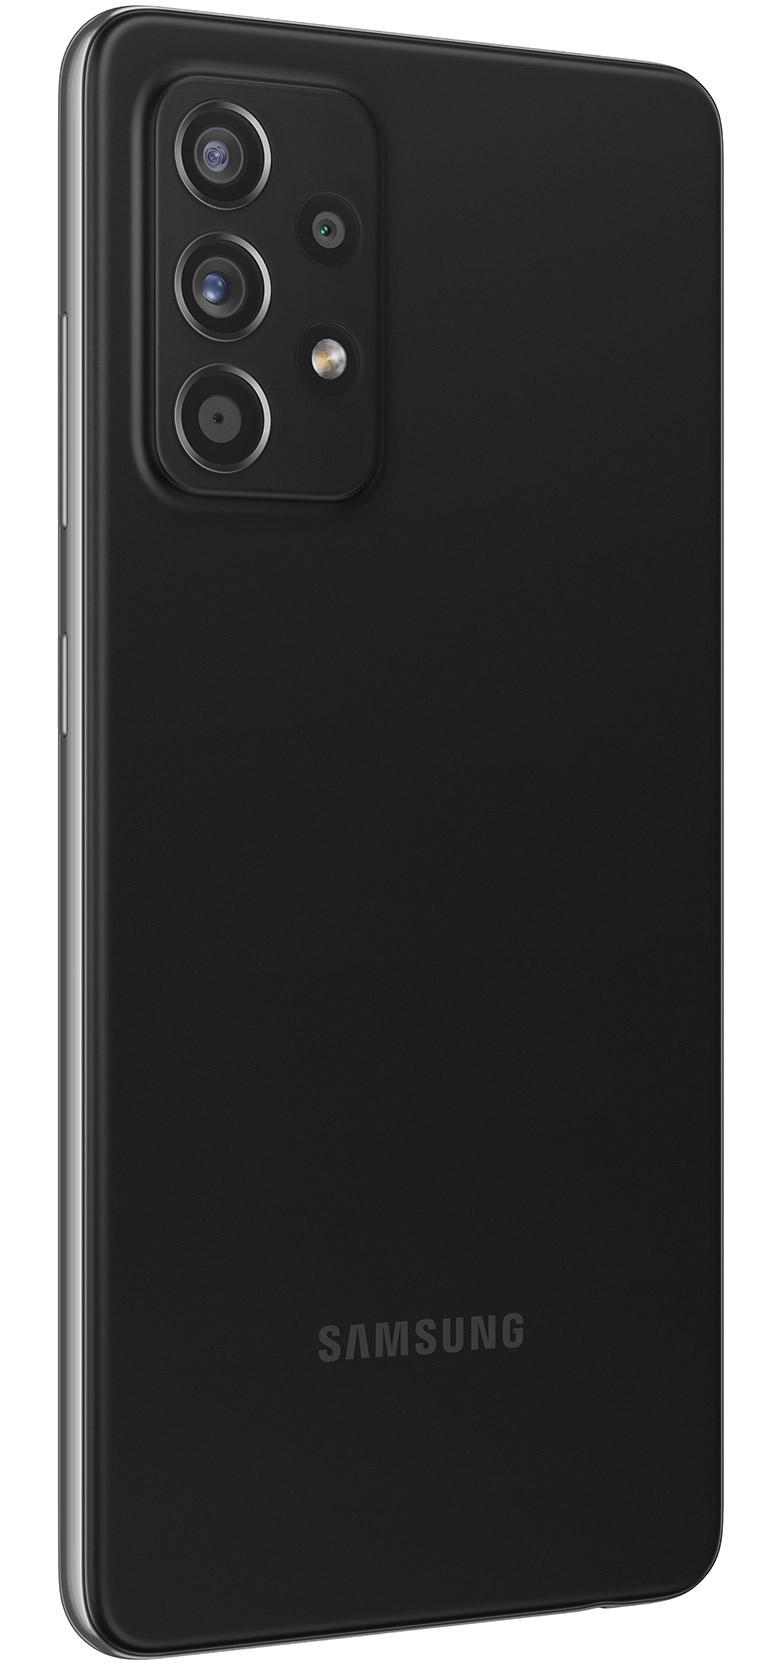 Samsung Galaxy A52 DS (SM-A525) 256GB Black - 4